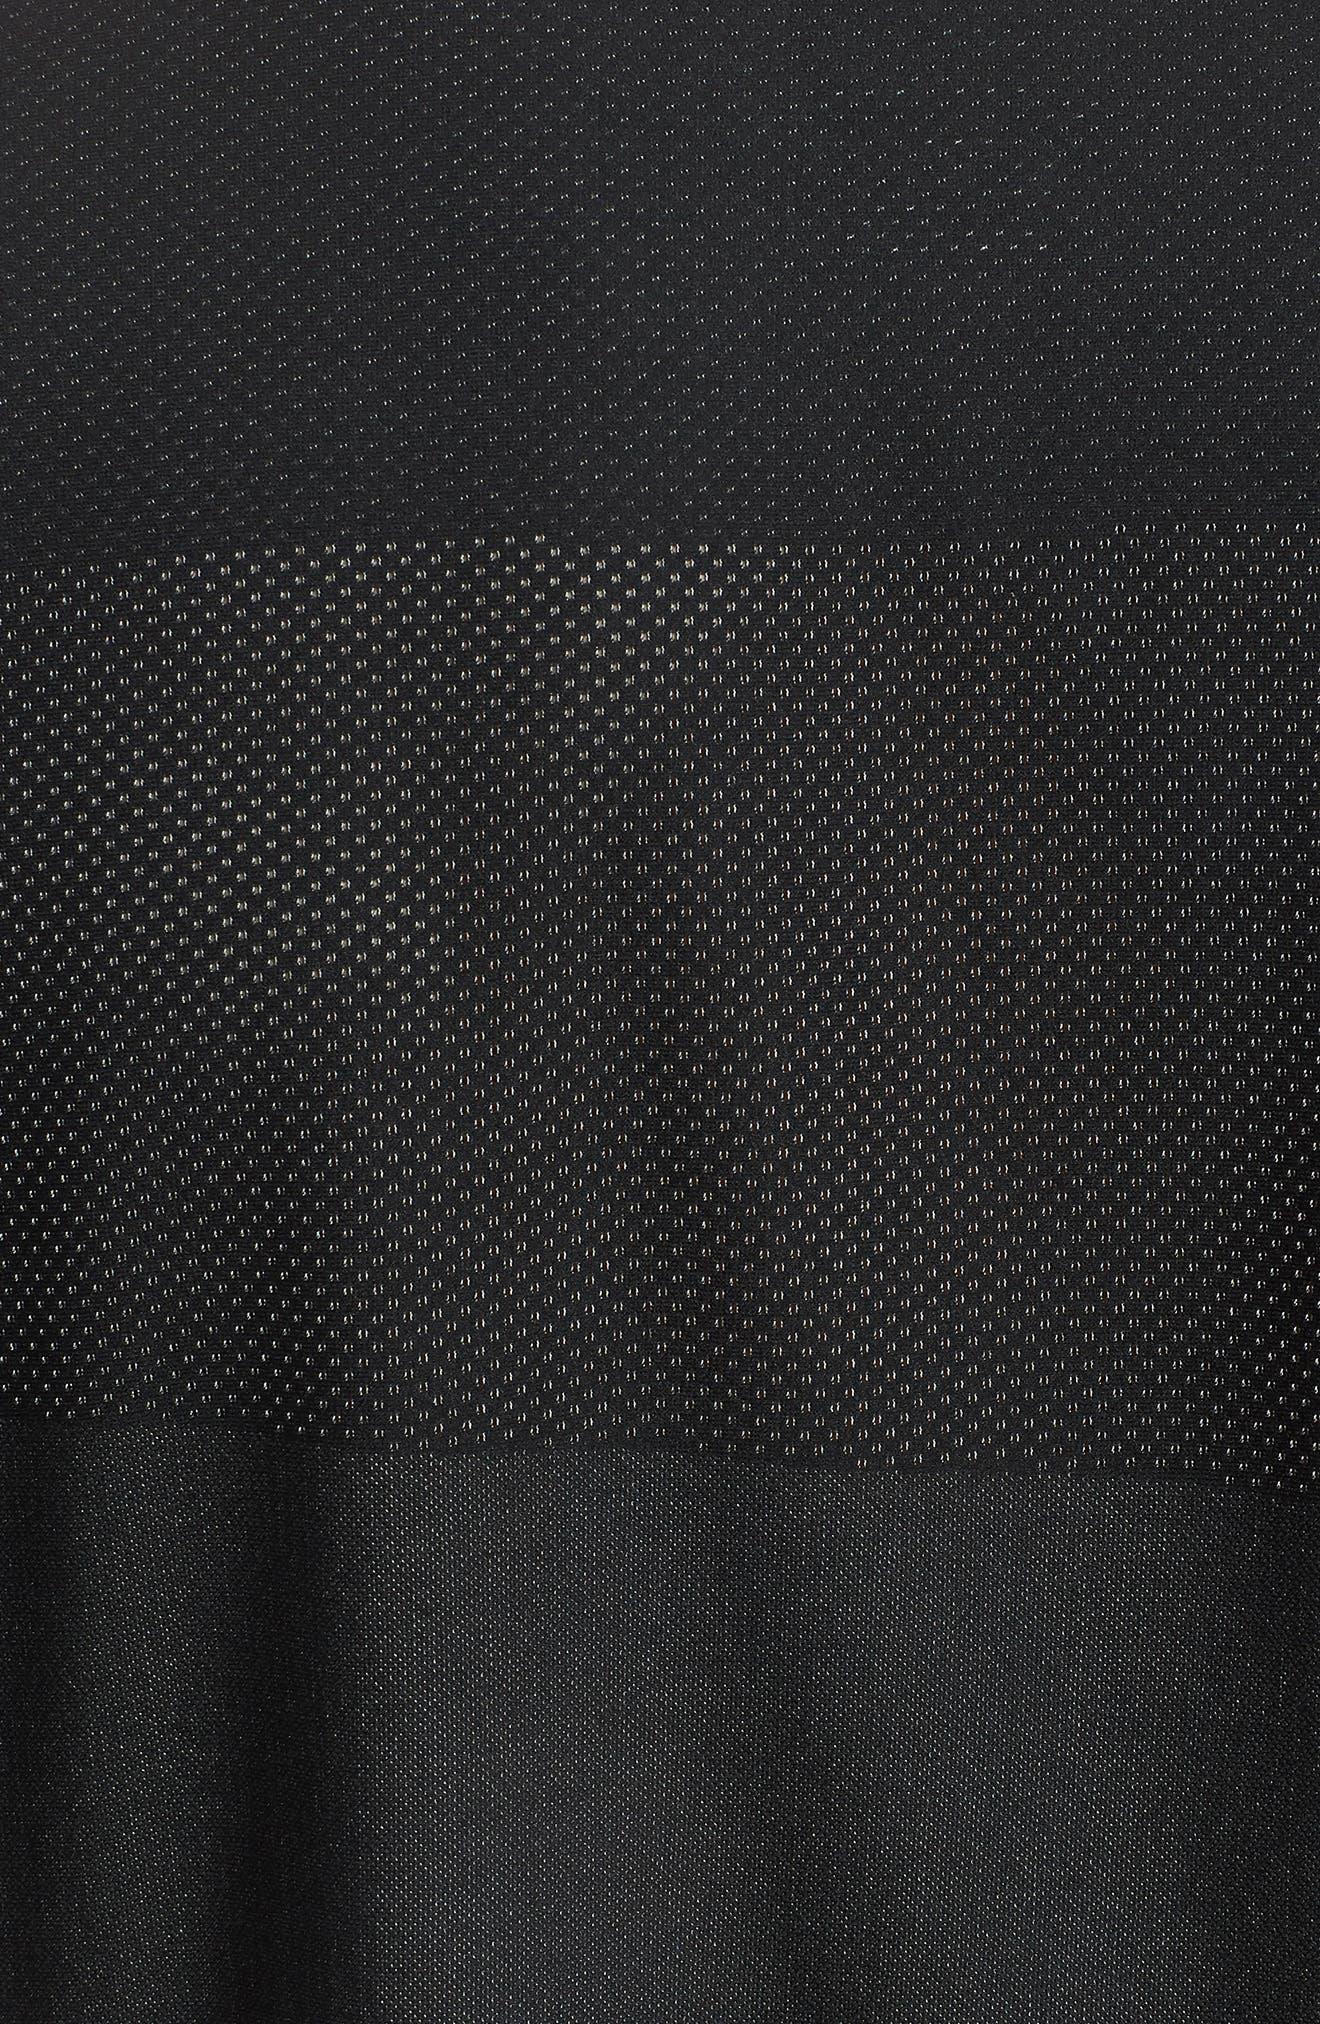 Crewneck Mesh T-Shirt,                             Alternate thumbnail 5, color,                             Black/ White/ Mtlc Hematite